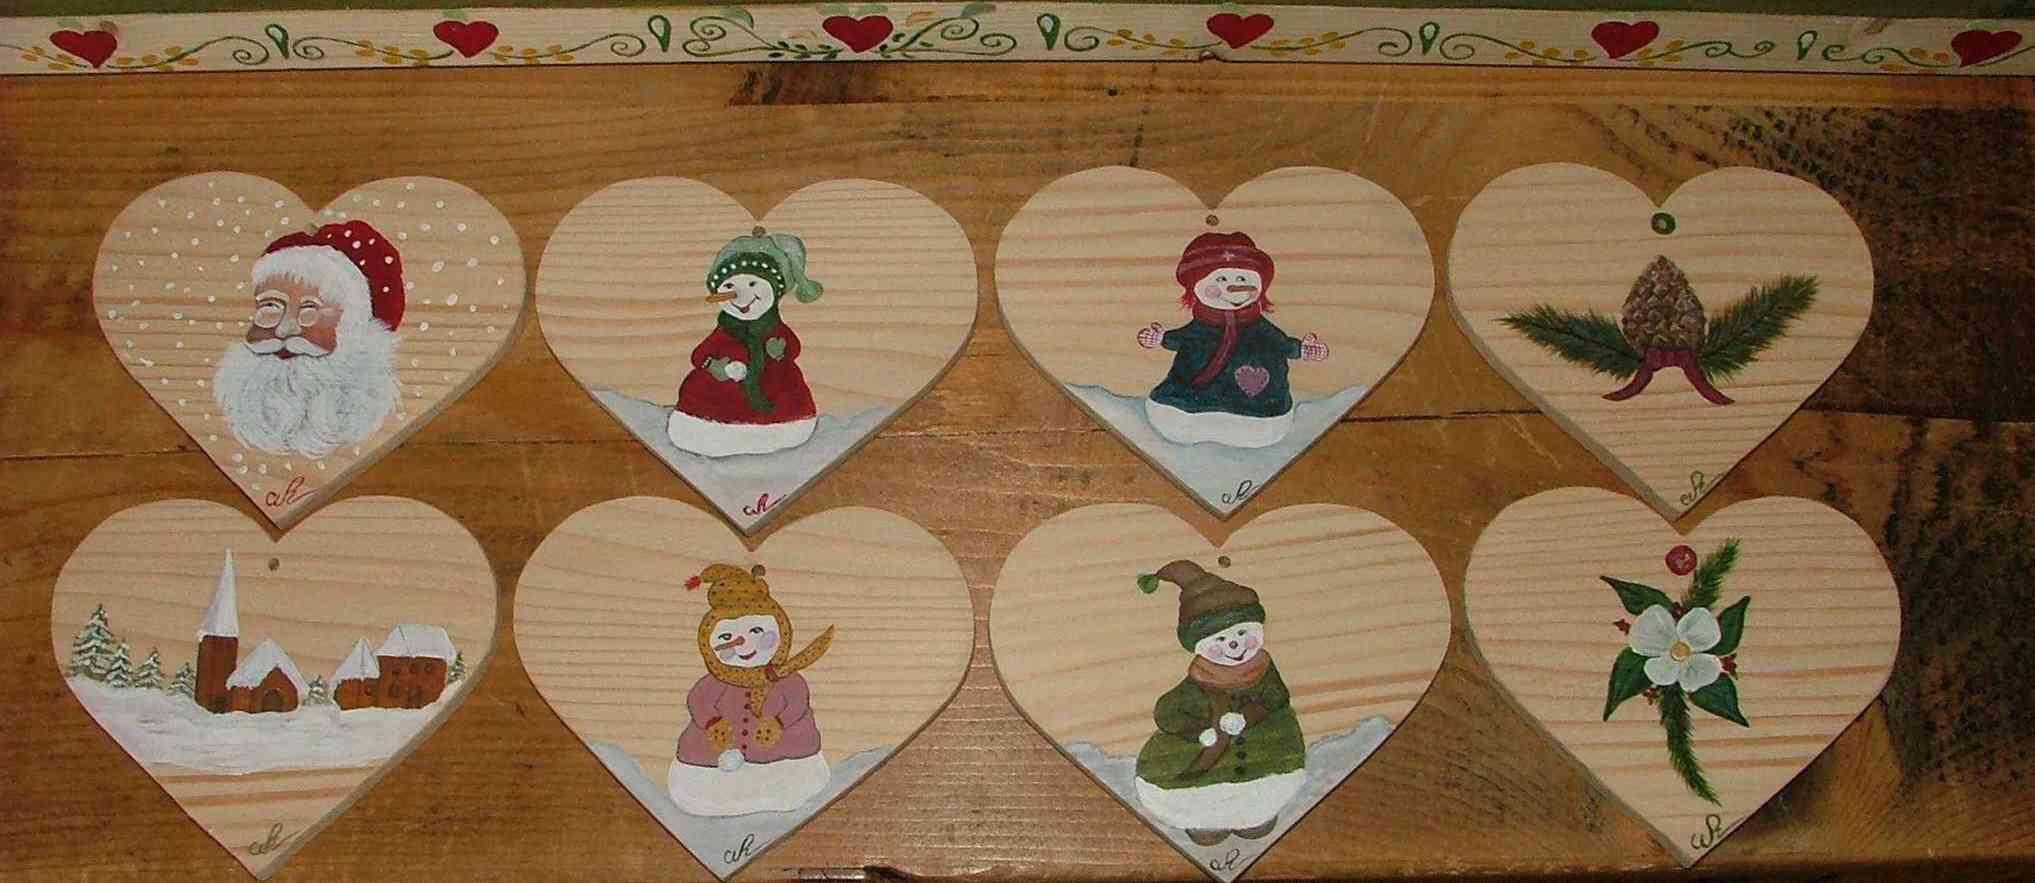 #71461E Decoration De Noel En Bois Ziloo.fr 6335 decoration noel a fabriquer en bois 2035x883 px @ aertt.com